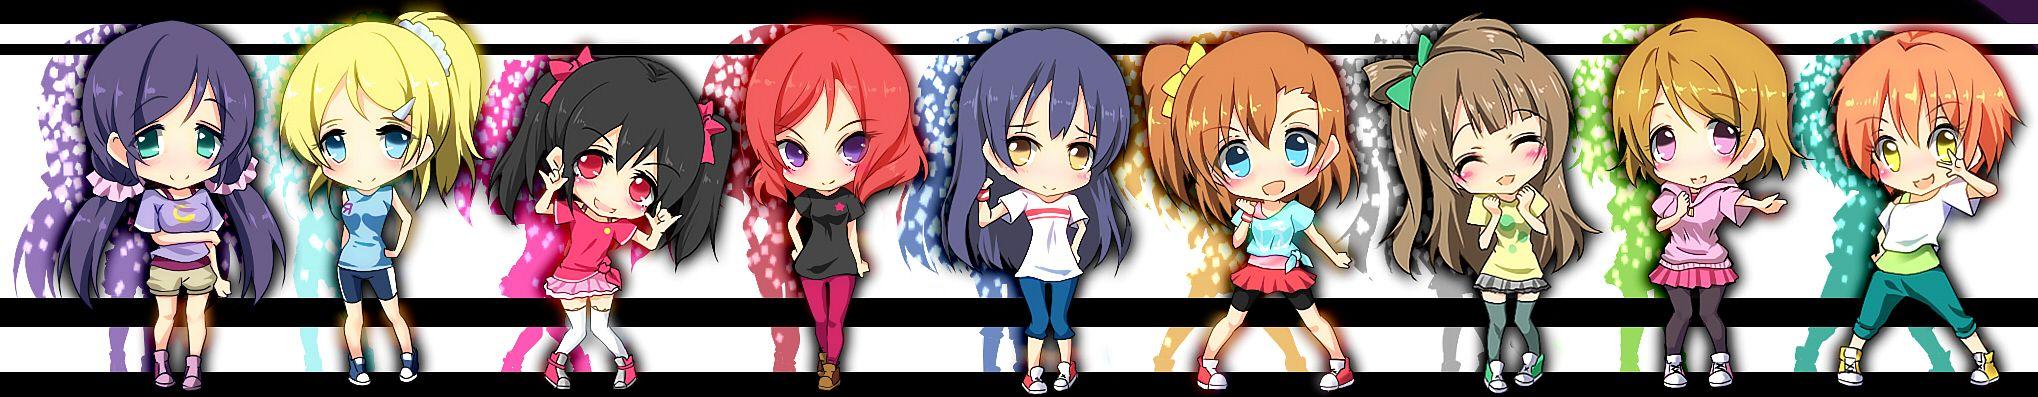 Tags: Anime, Natsu, Love Live!, Sonoda Umi, Kousaka Honoka, Minami Kotori, Ayase Eri, Nishikino Maki, Hoshizora Rin, Koizumi Hanayo, Toujou Nozomi, Yazawa Niko, μ's